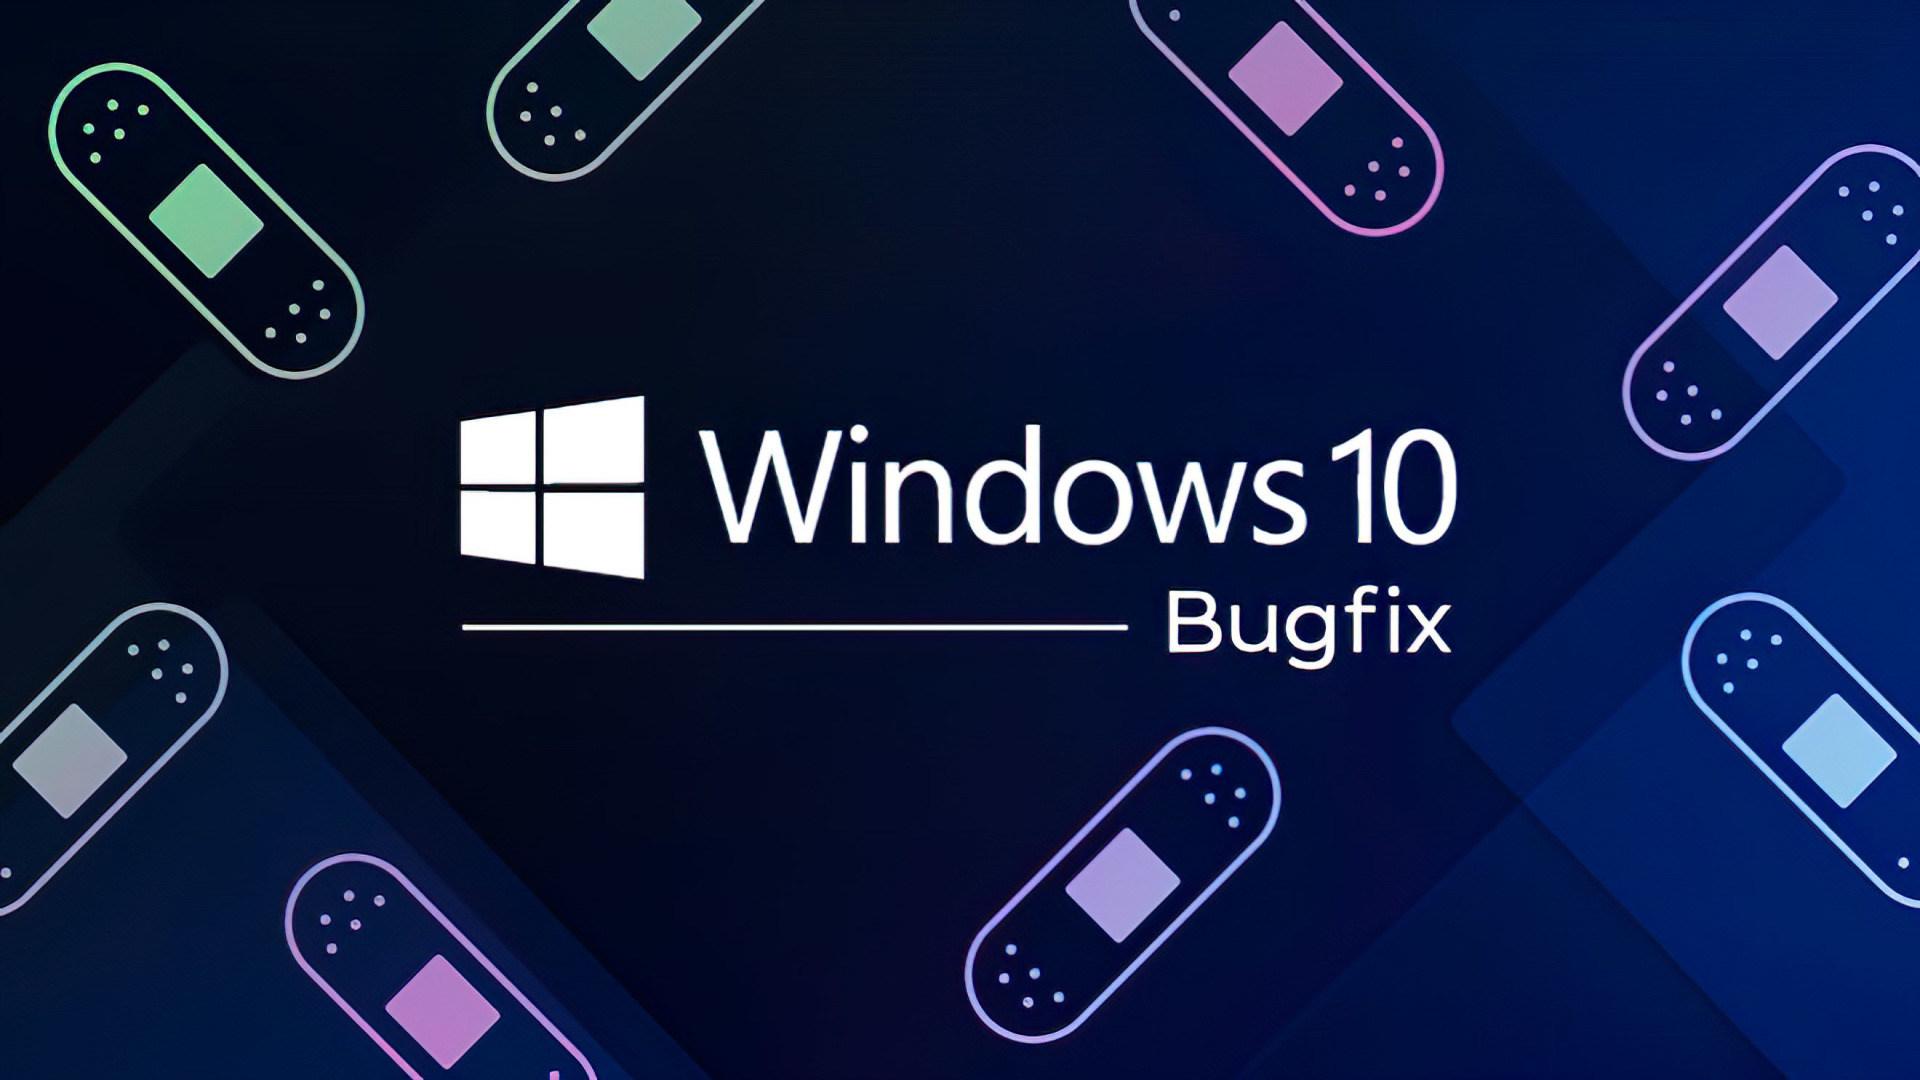 Microsoft, Betriebssystem, Windows 10, Fehler, Bug, Fehlerbehebung, Bugfix, Windows 10 bugs, Windows 10 Bug, Windows 10 Fehler, Windows 10 Bugfix